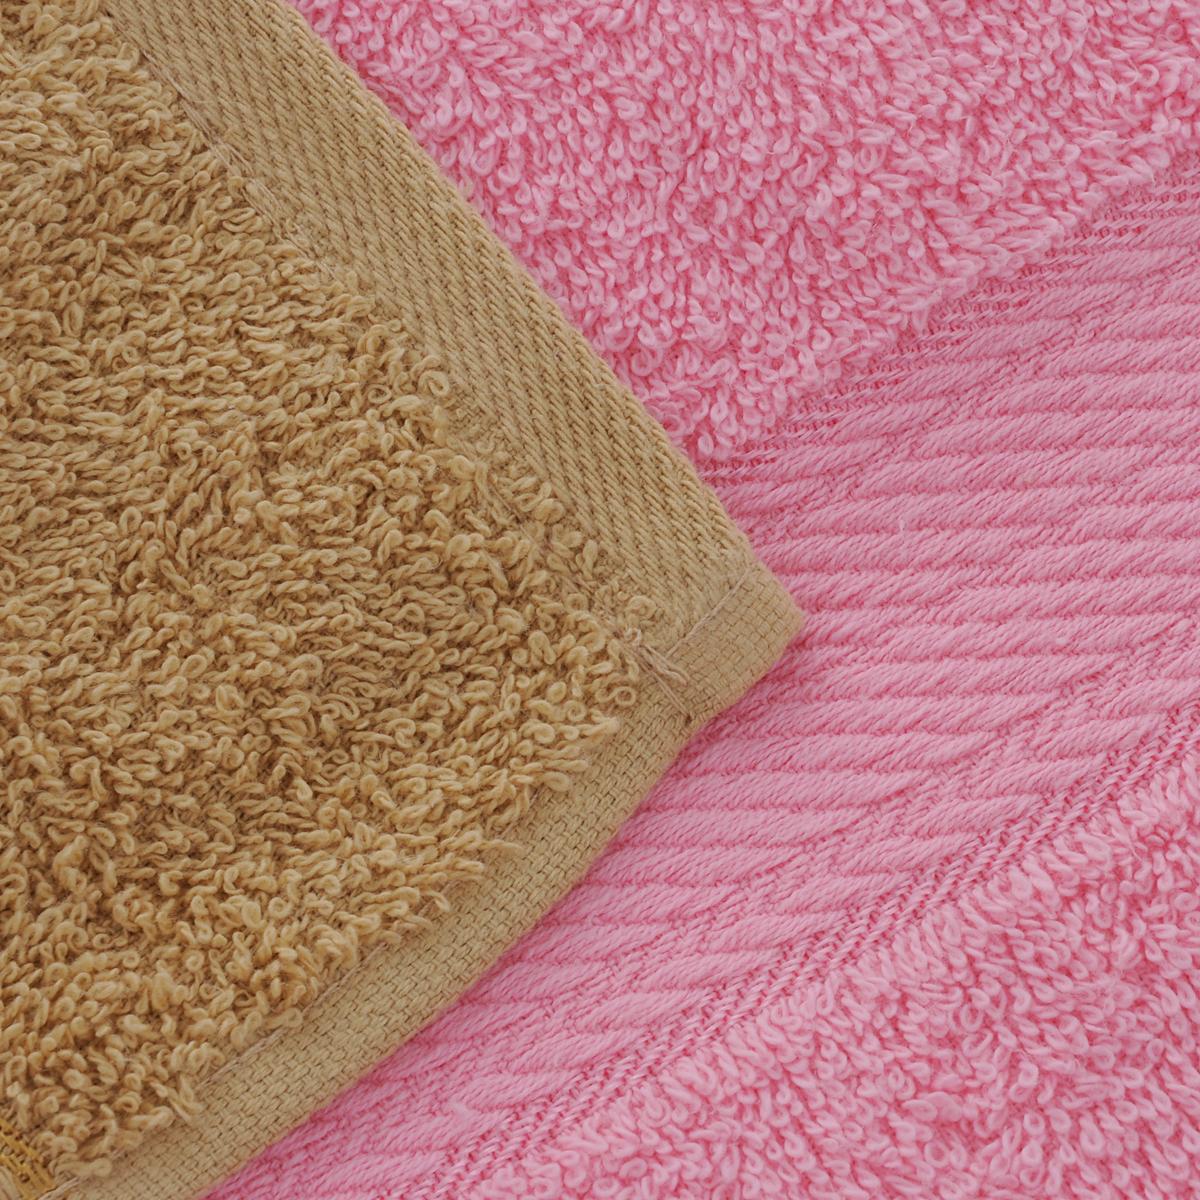 """Набор """"Aisha Home Textile"""" состоит из двух полотенец, размером 50 х 90 см, и двух банных, размером 70 х 140 см. Полотенца выполнены из натурального 100% хлопка и махровой ткани. Изделия отлично впитывают влагу, быстро сохнут, сохраняют яркость цвета и не теряют формы даже после многократных стирок. Полотенца """"Aisha Home Textile"""" очень практичны и неприхотливы в уходе.  Комплектация: 4 шт."""